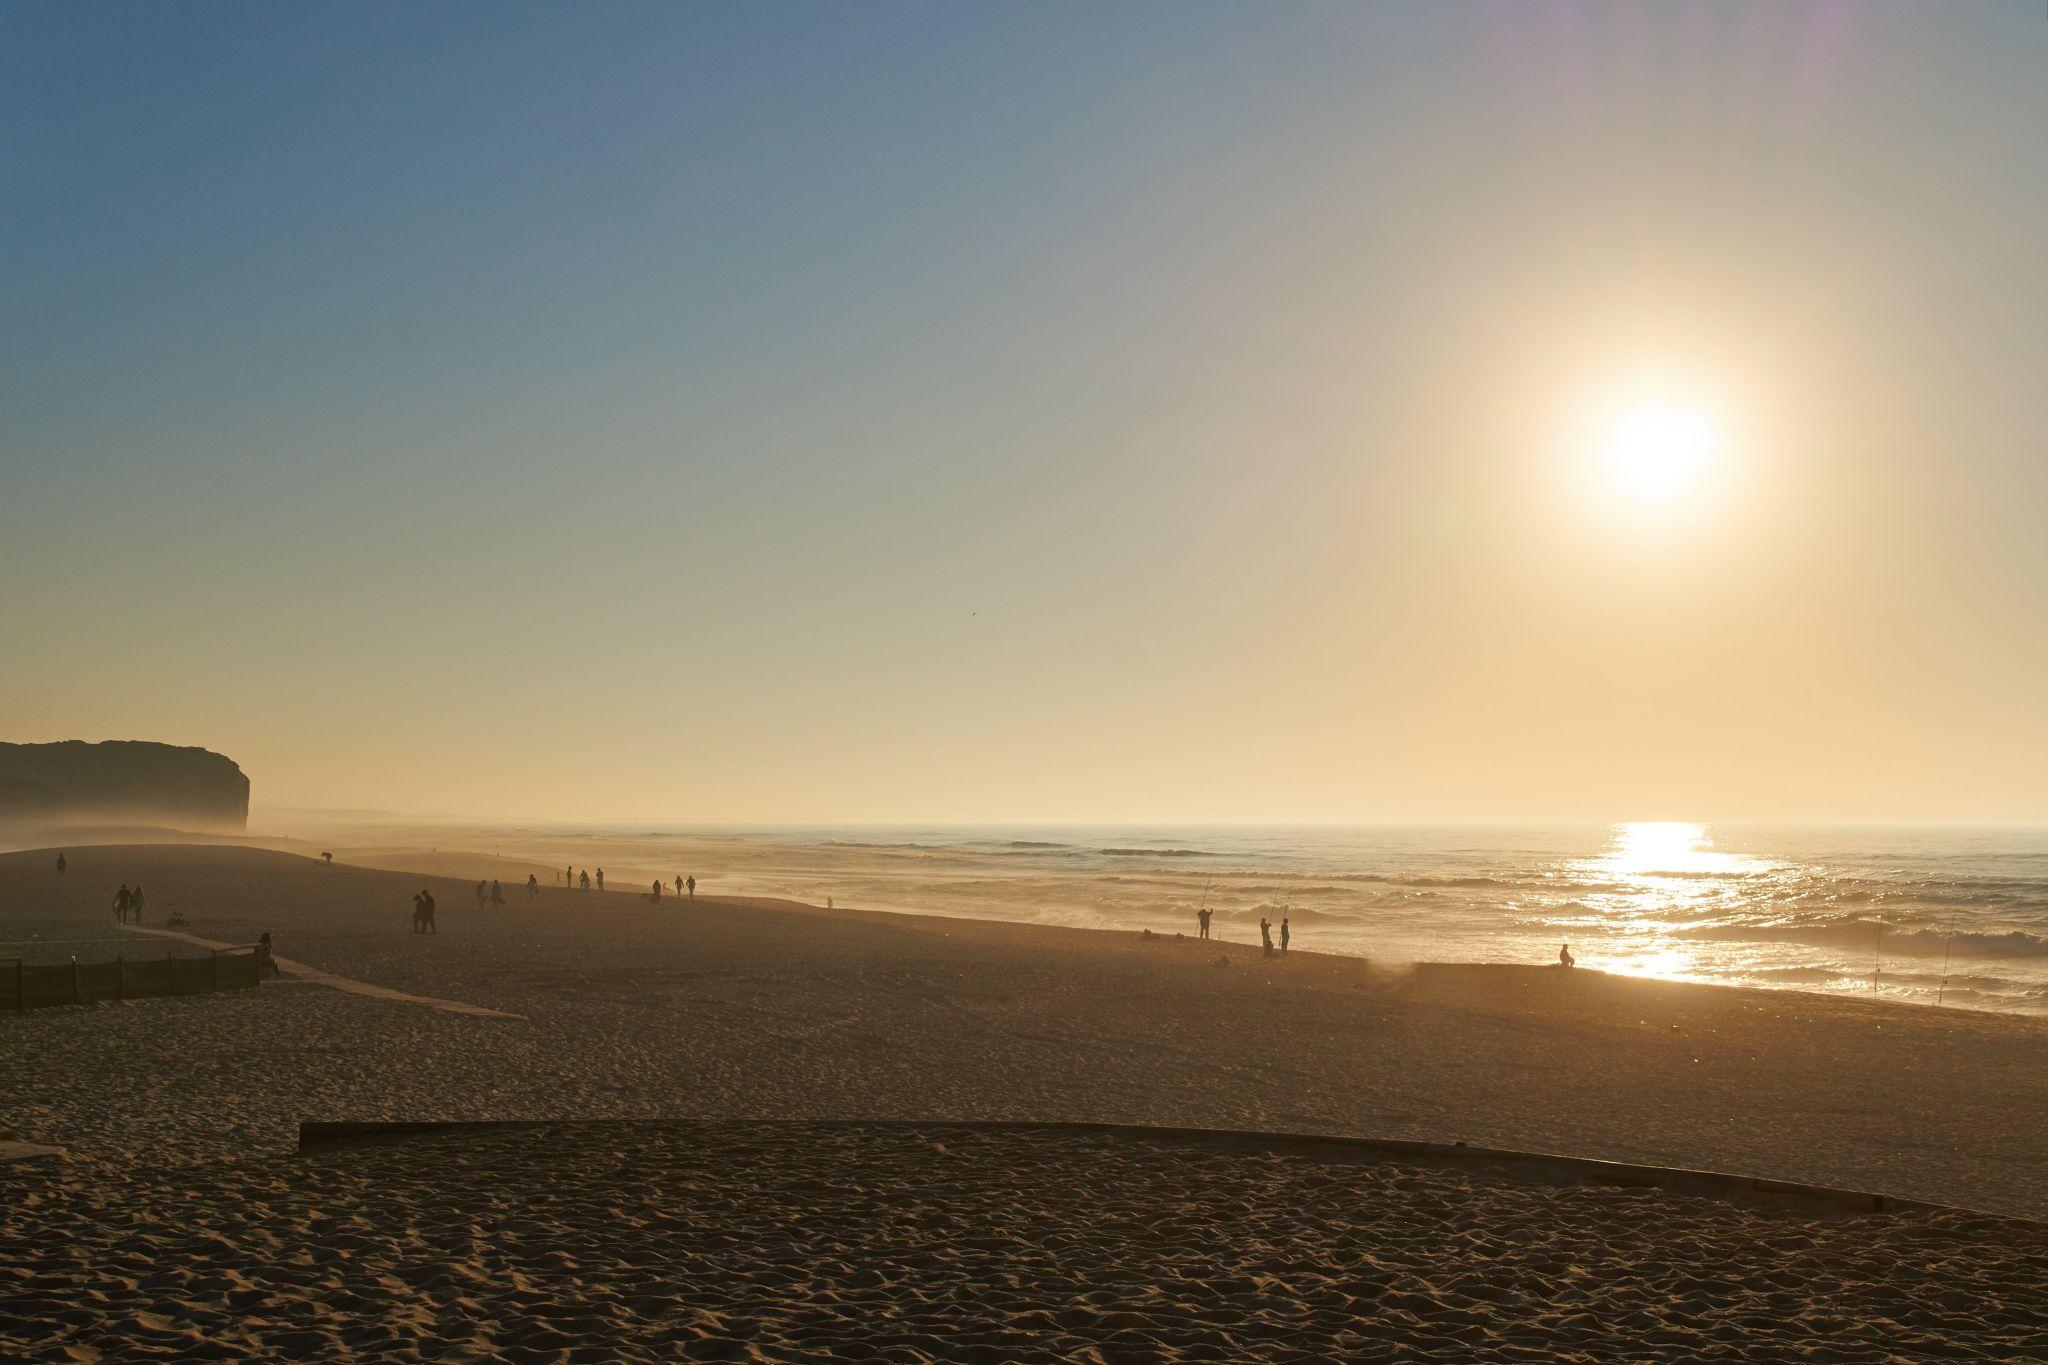 Foz do Arelho Beach, Portugal